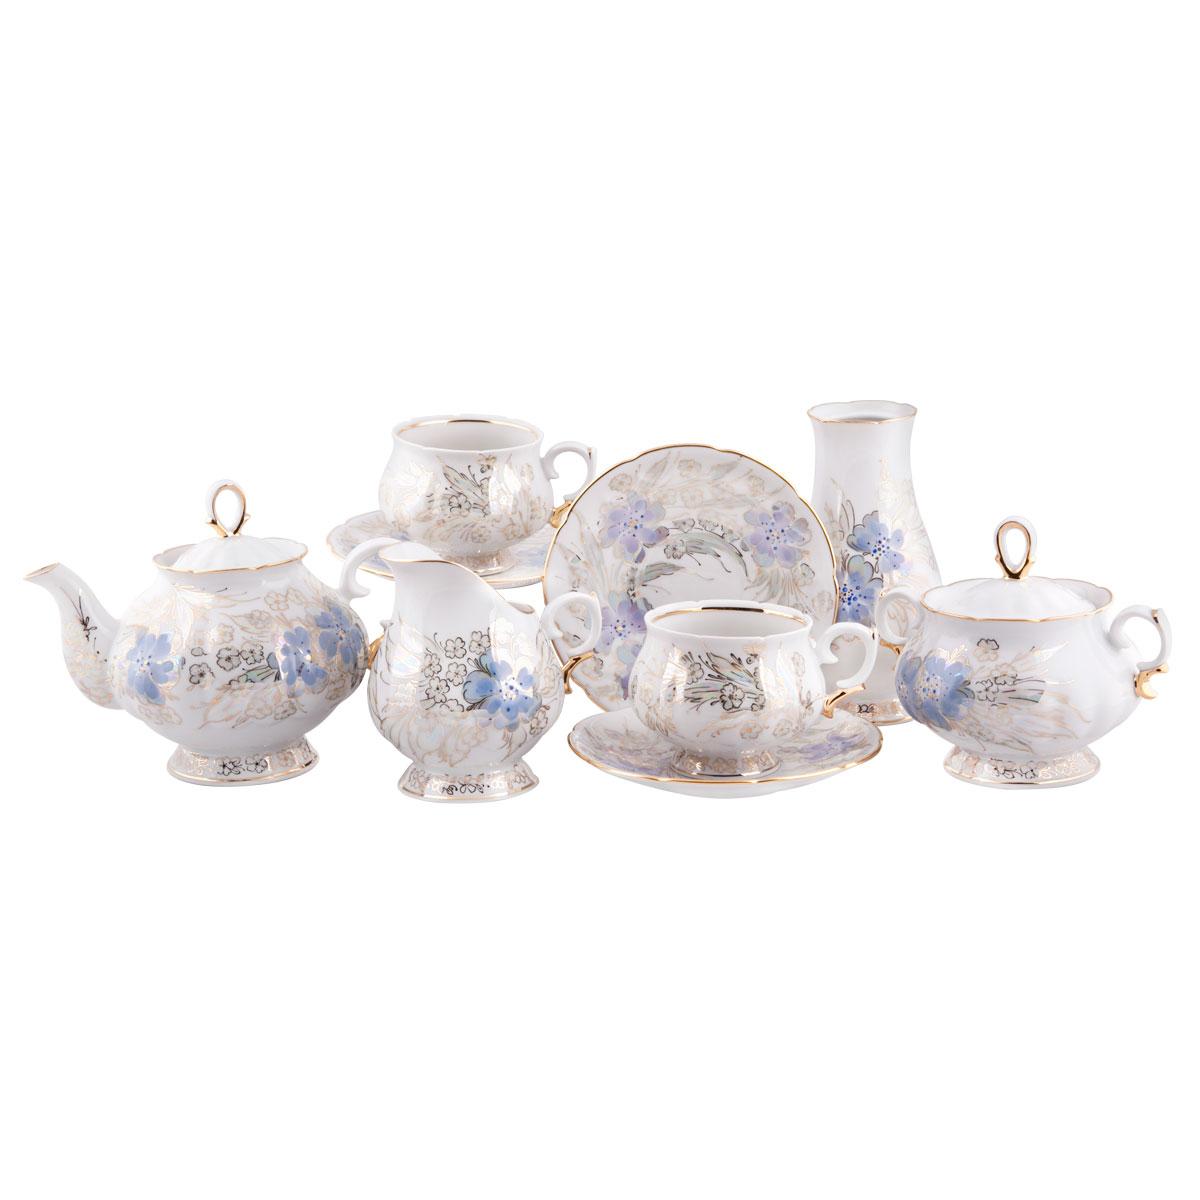 Сервиз чайный Башфарфор Людмила, 16 предметовСЧН 01.15Ж103Сервиз чайный из белого фарфора рассчитан на 6 персон. Тонкий белый фарфор.Скромный, но очень нежный и романтичный сервиз, создающий настроение. Удобная, практичная, легкая посуда, подходит и для особых случаев и на каждый день.В состав набора входит: чашка 250мл 6 шт, блюдце 14,5см 6 шт, сахарница 300мл 1шт, чайник 600мл 1 шт, Молочник 250мл 1шт, ваза 1шт.